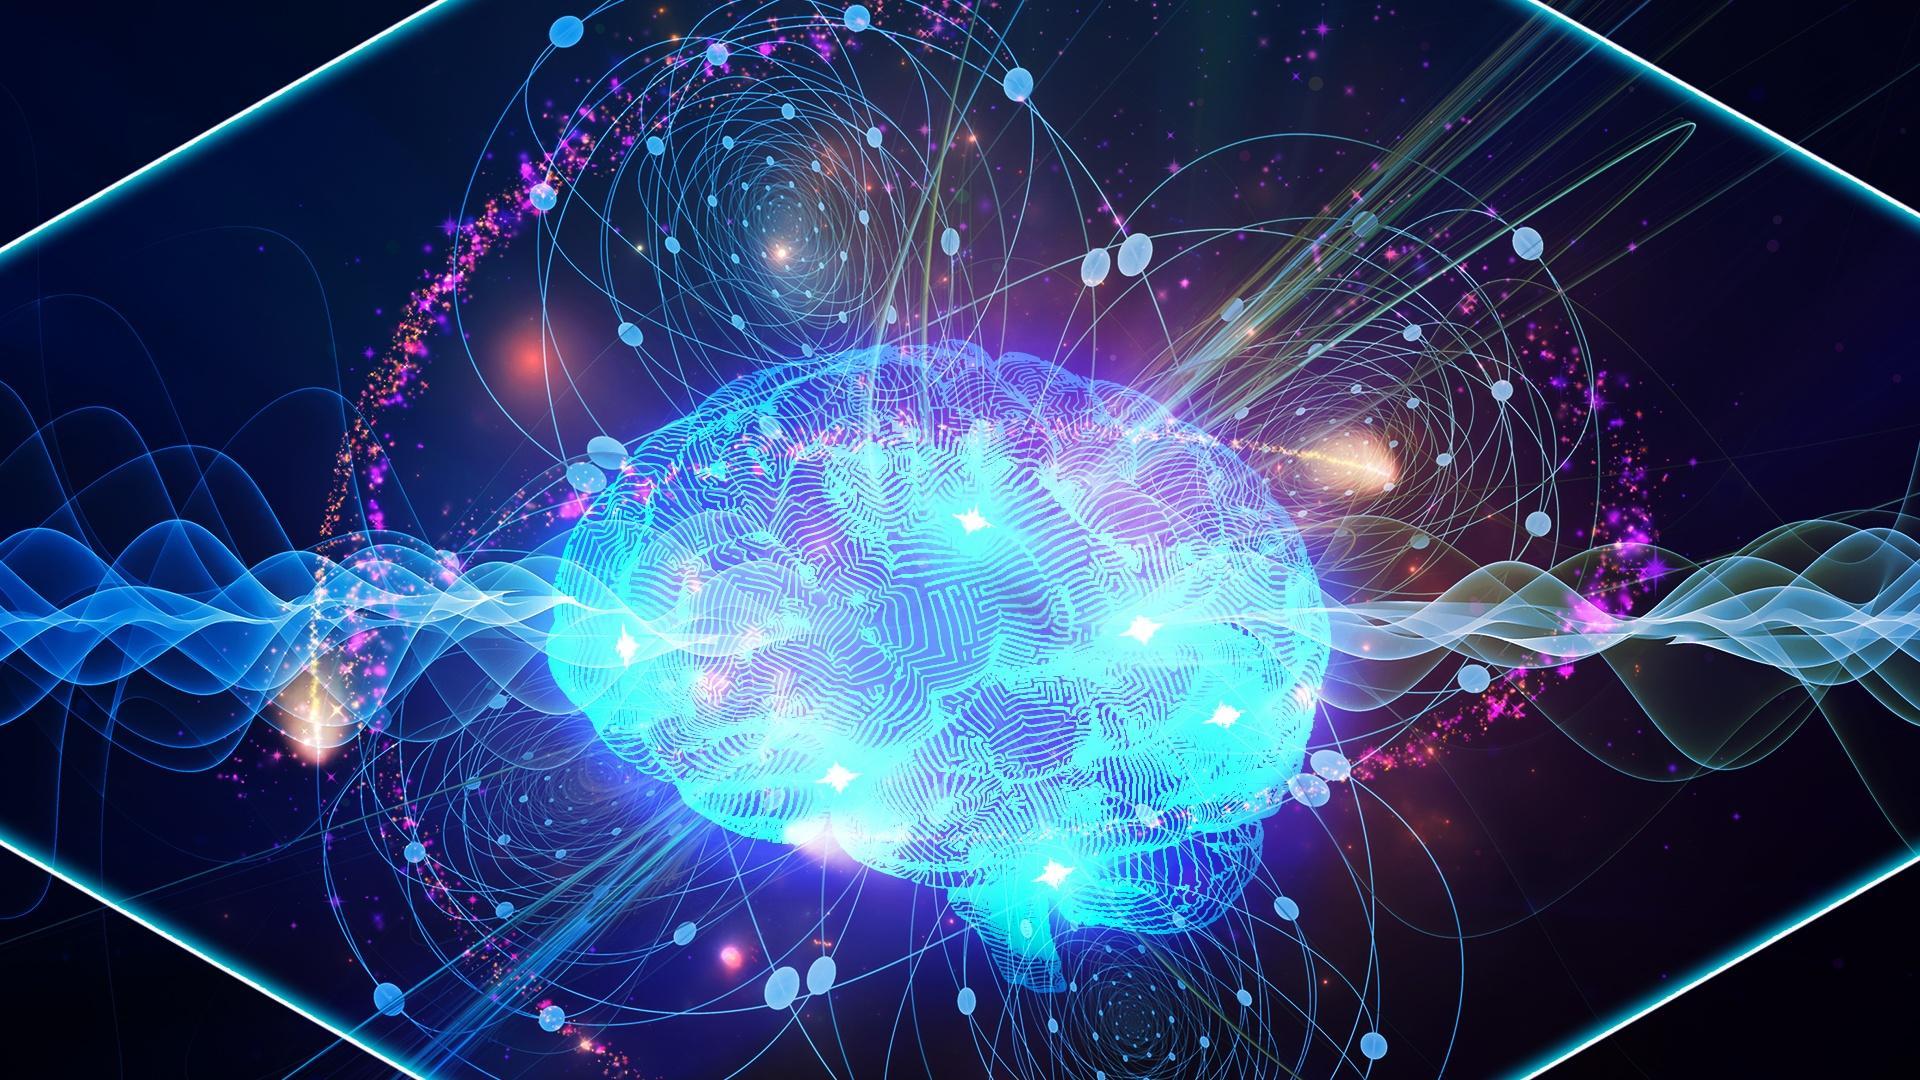 Spiritual Quantum Mechanics And Consciousness and the World Soul